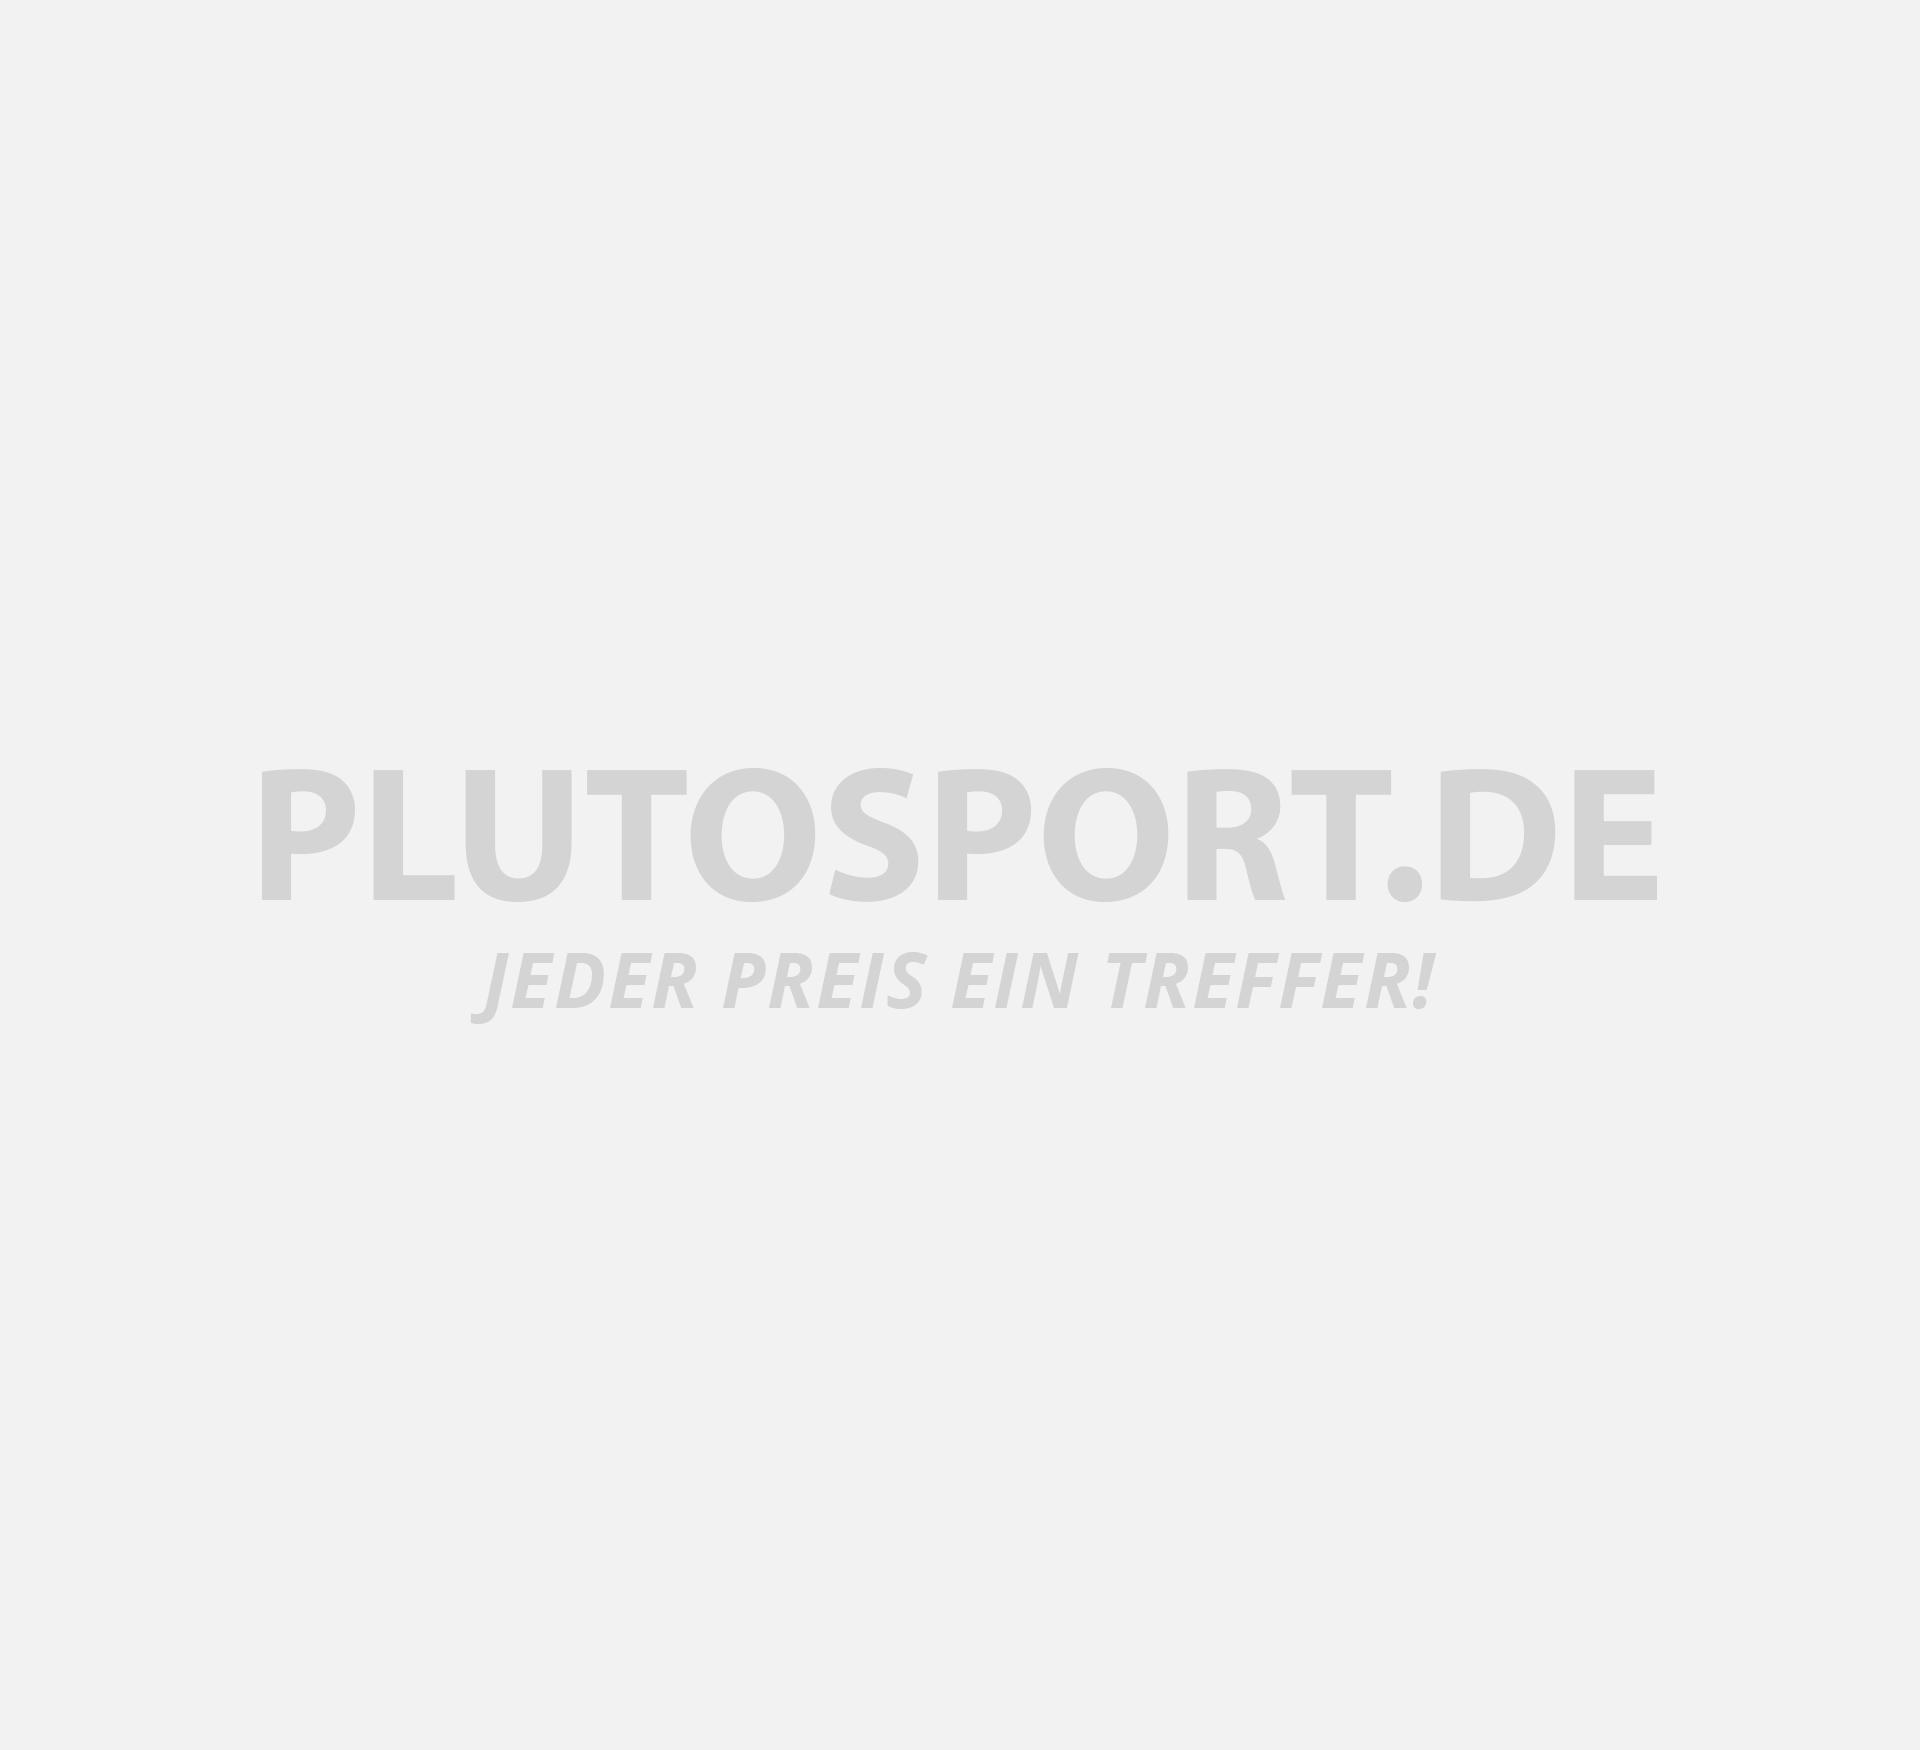 Uhlsport Eliminator Absolutgrip Torwart-Handschuh